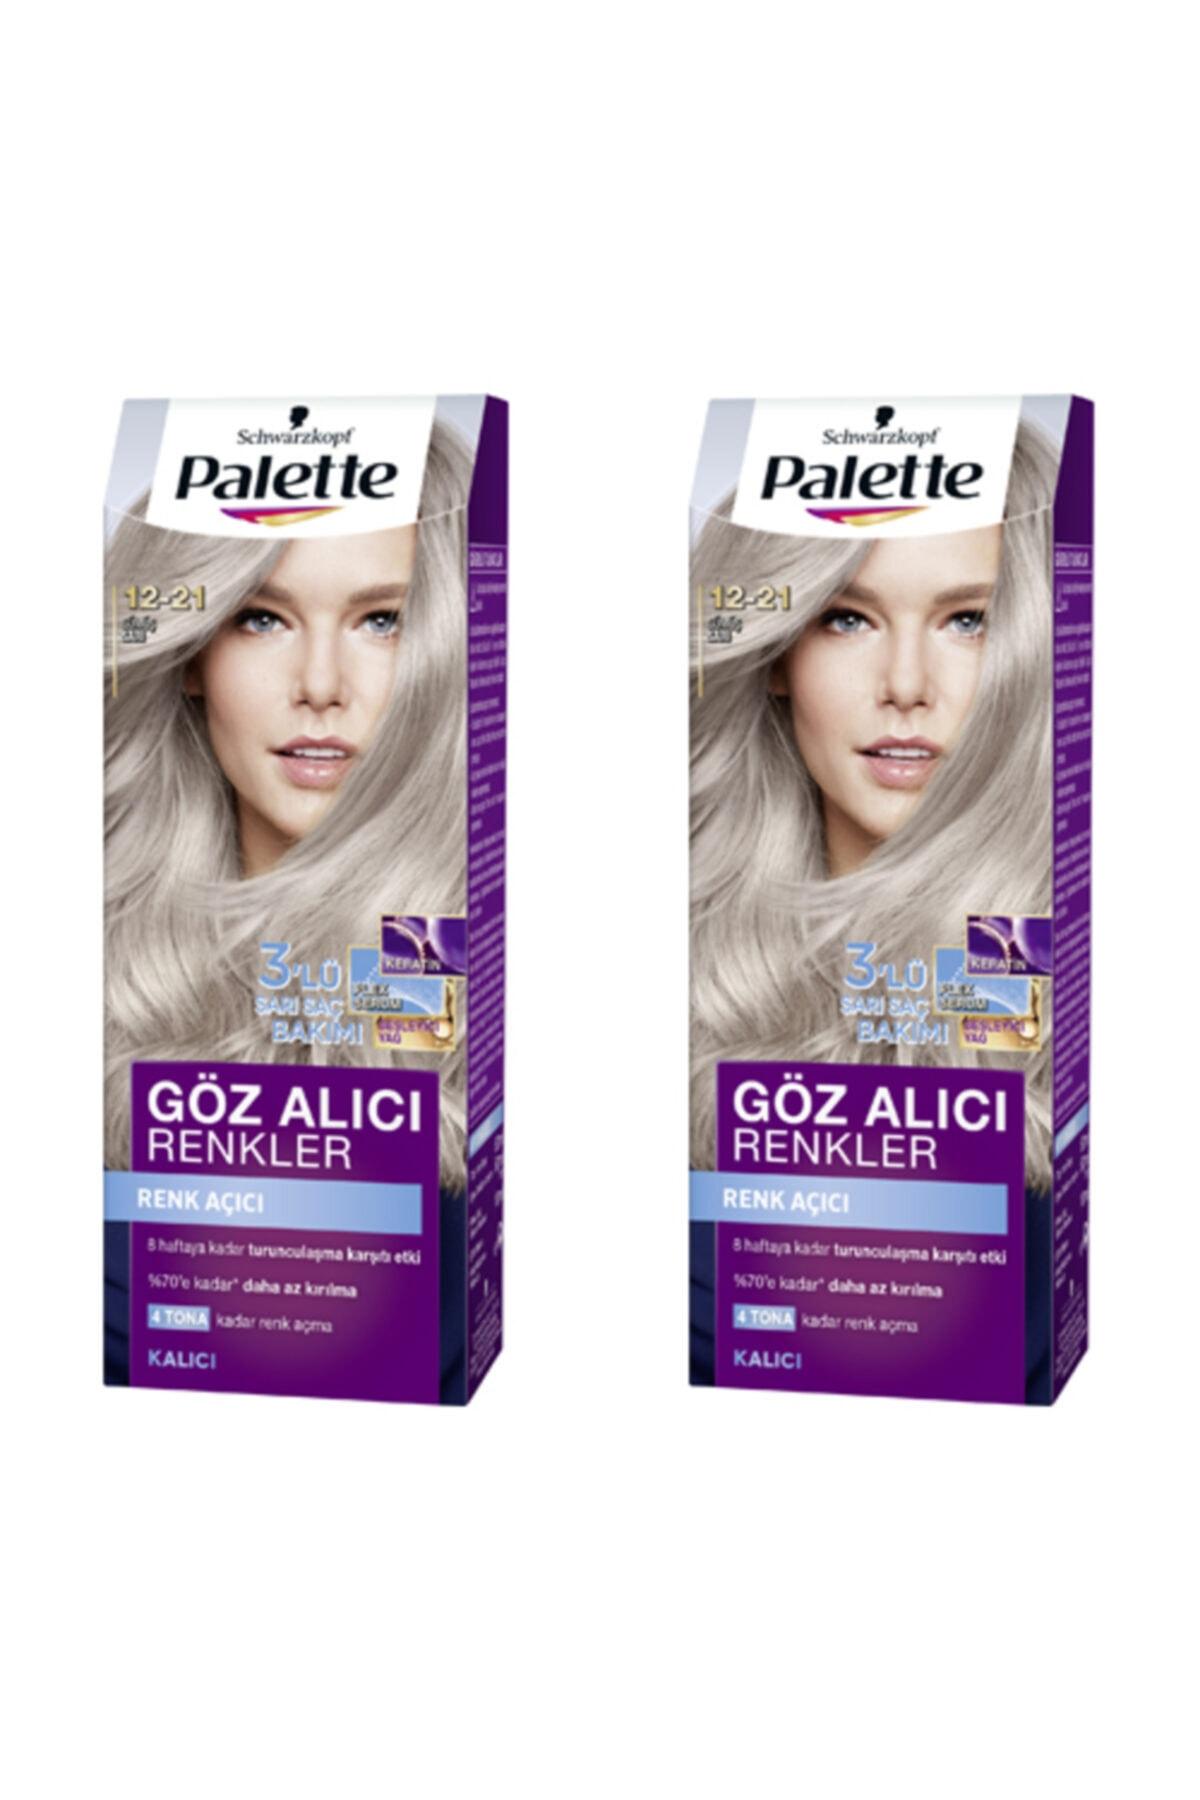 SCHWARZKOPF HAIR MASCARA Palette Goz Alıcı Renkler 12-21 Gümüş Sarı X 2 Adet 1